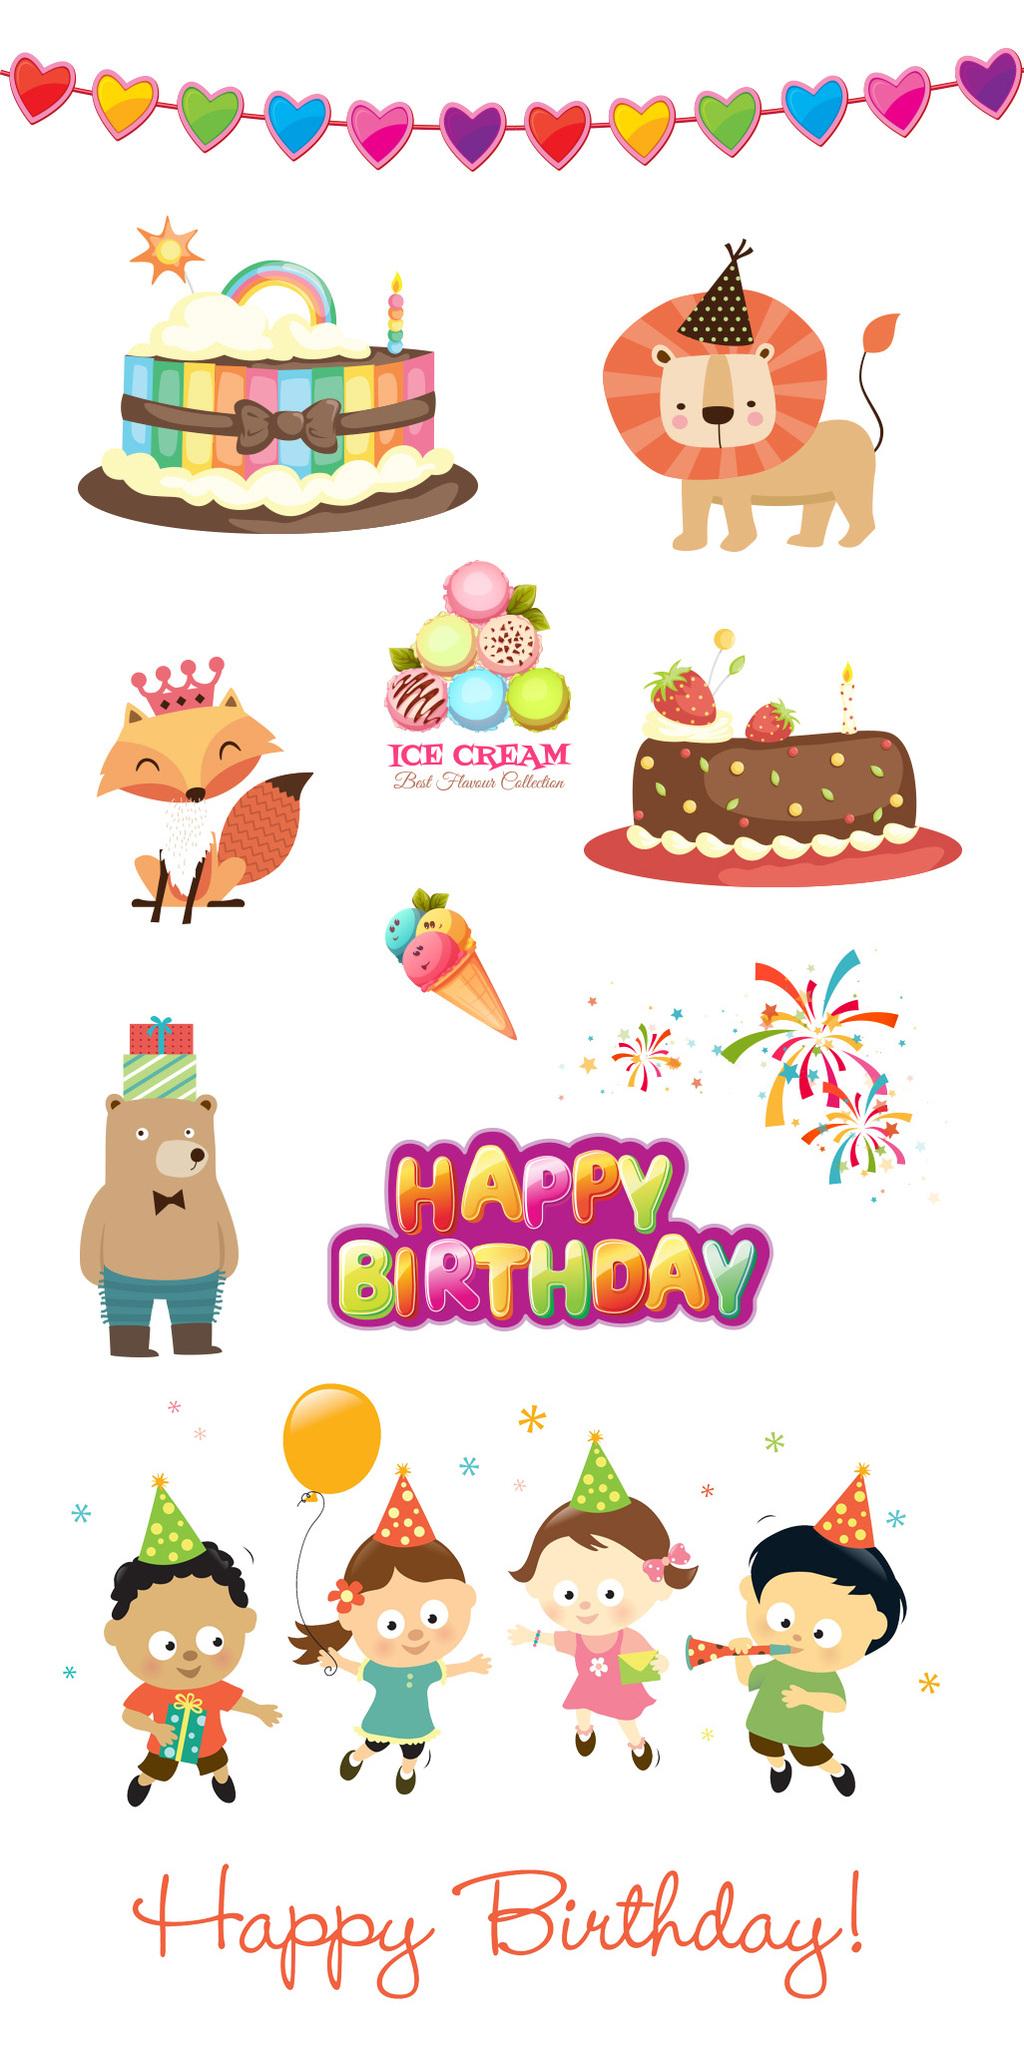 手绘卡通动物生日蛋糕淘宝素材